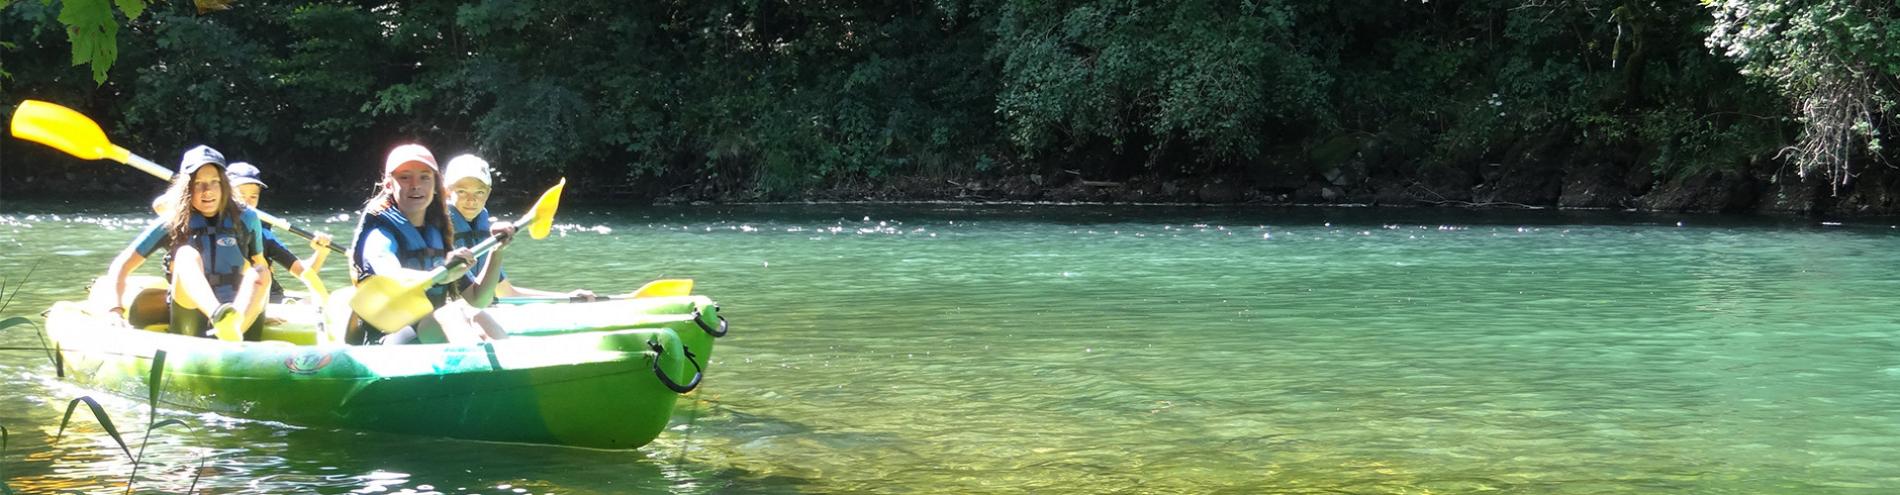 Woka loisirs - Activités Nautiques > Canoë-Kayak